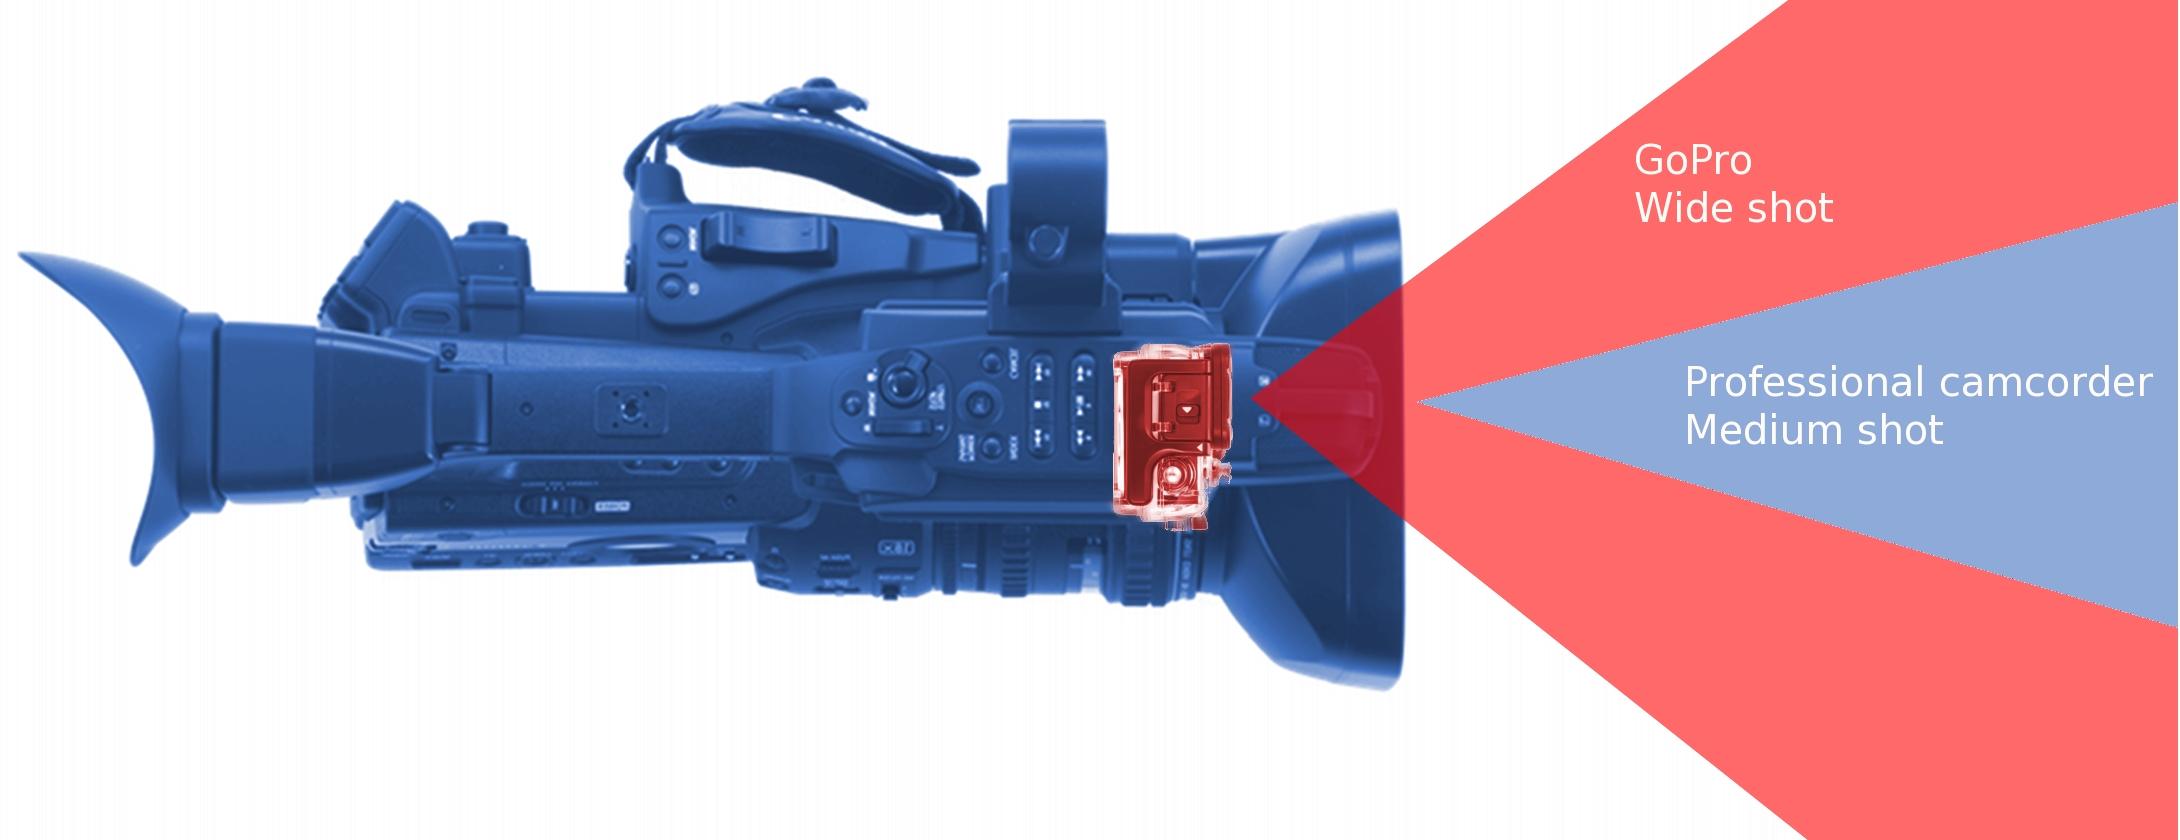 goprocamcorder